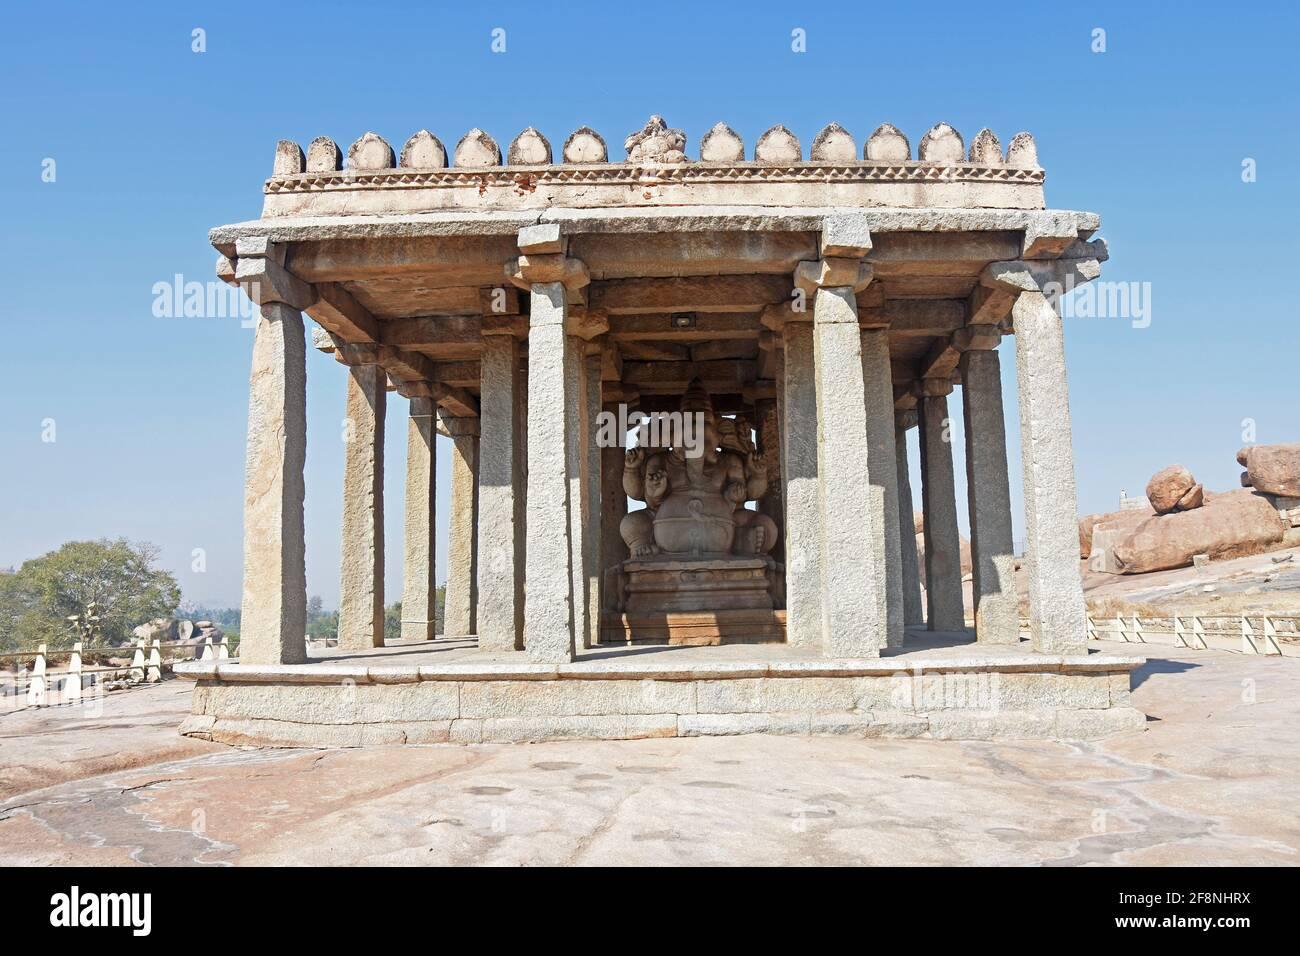 La estatua de Sasivekalu Ganesha, antigua arquitectura del imperio Vijayanagara del siglo 14th en Hampi es un lugar declarado Patrimonio de la Humanidad por la UNESCO Foto de stock